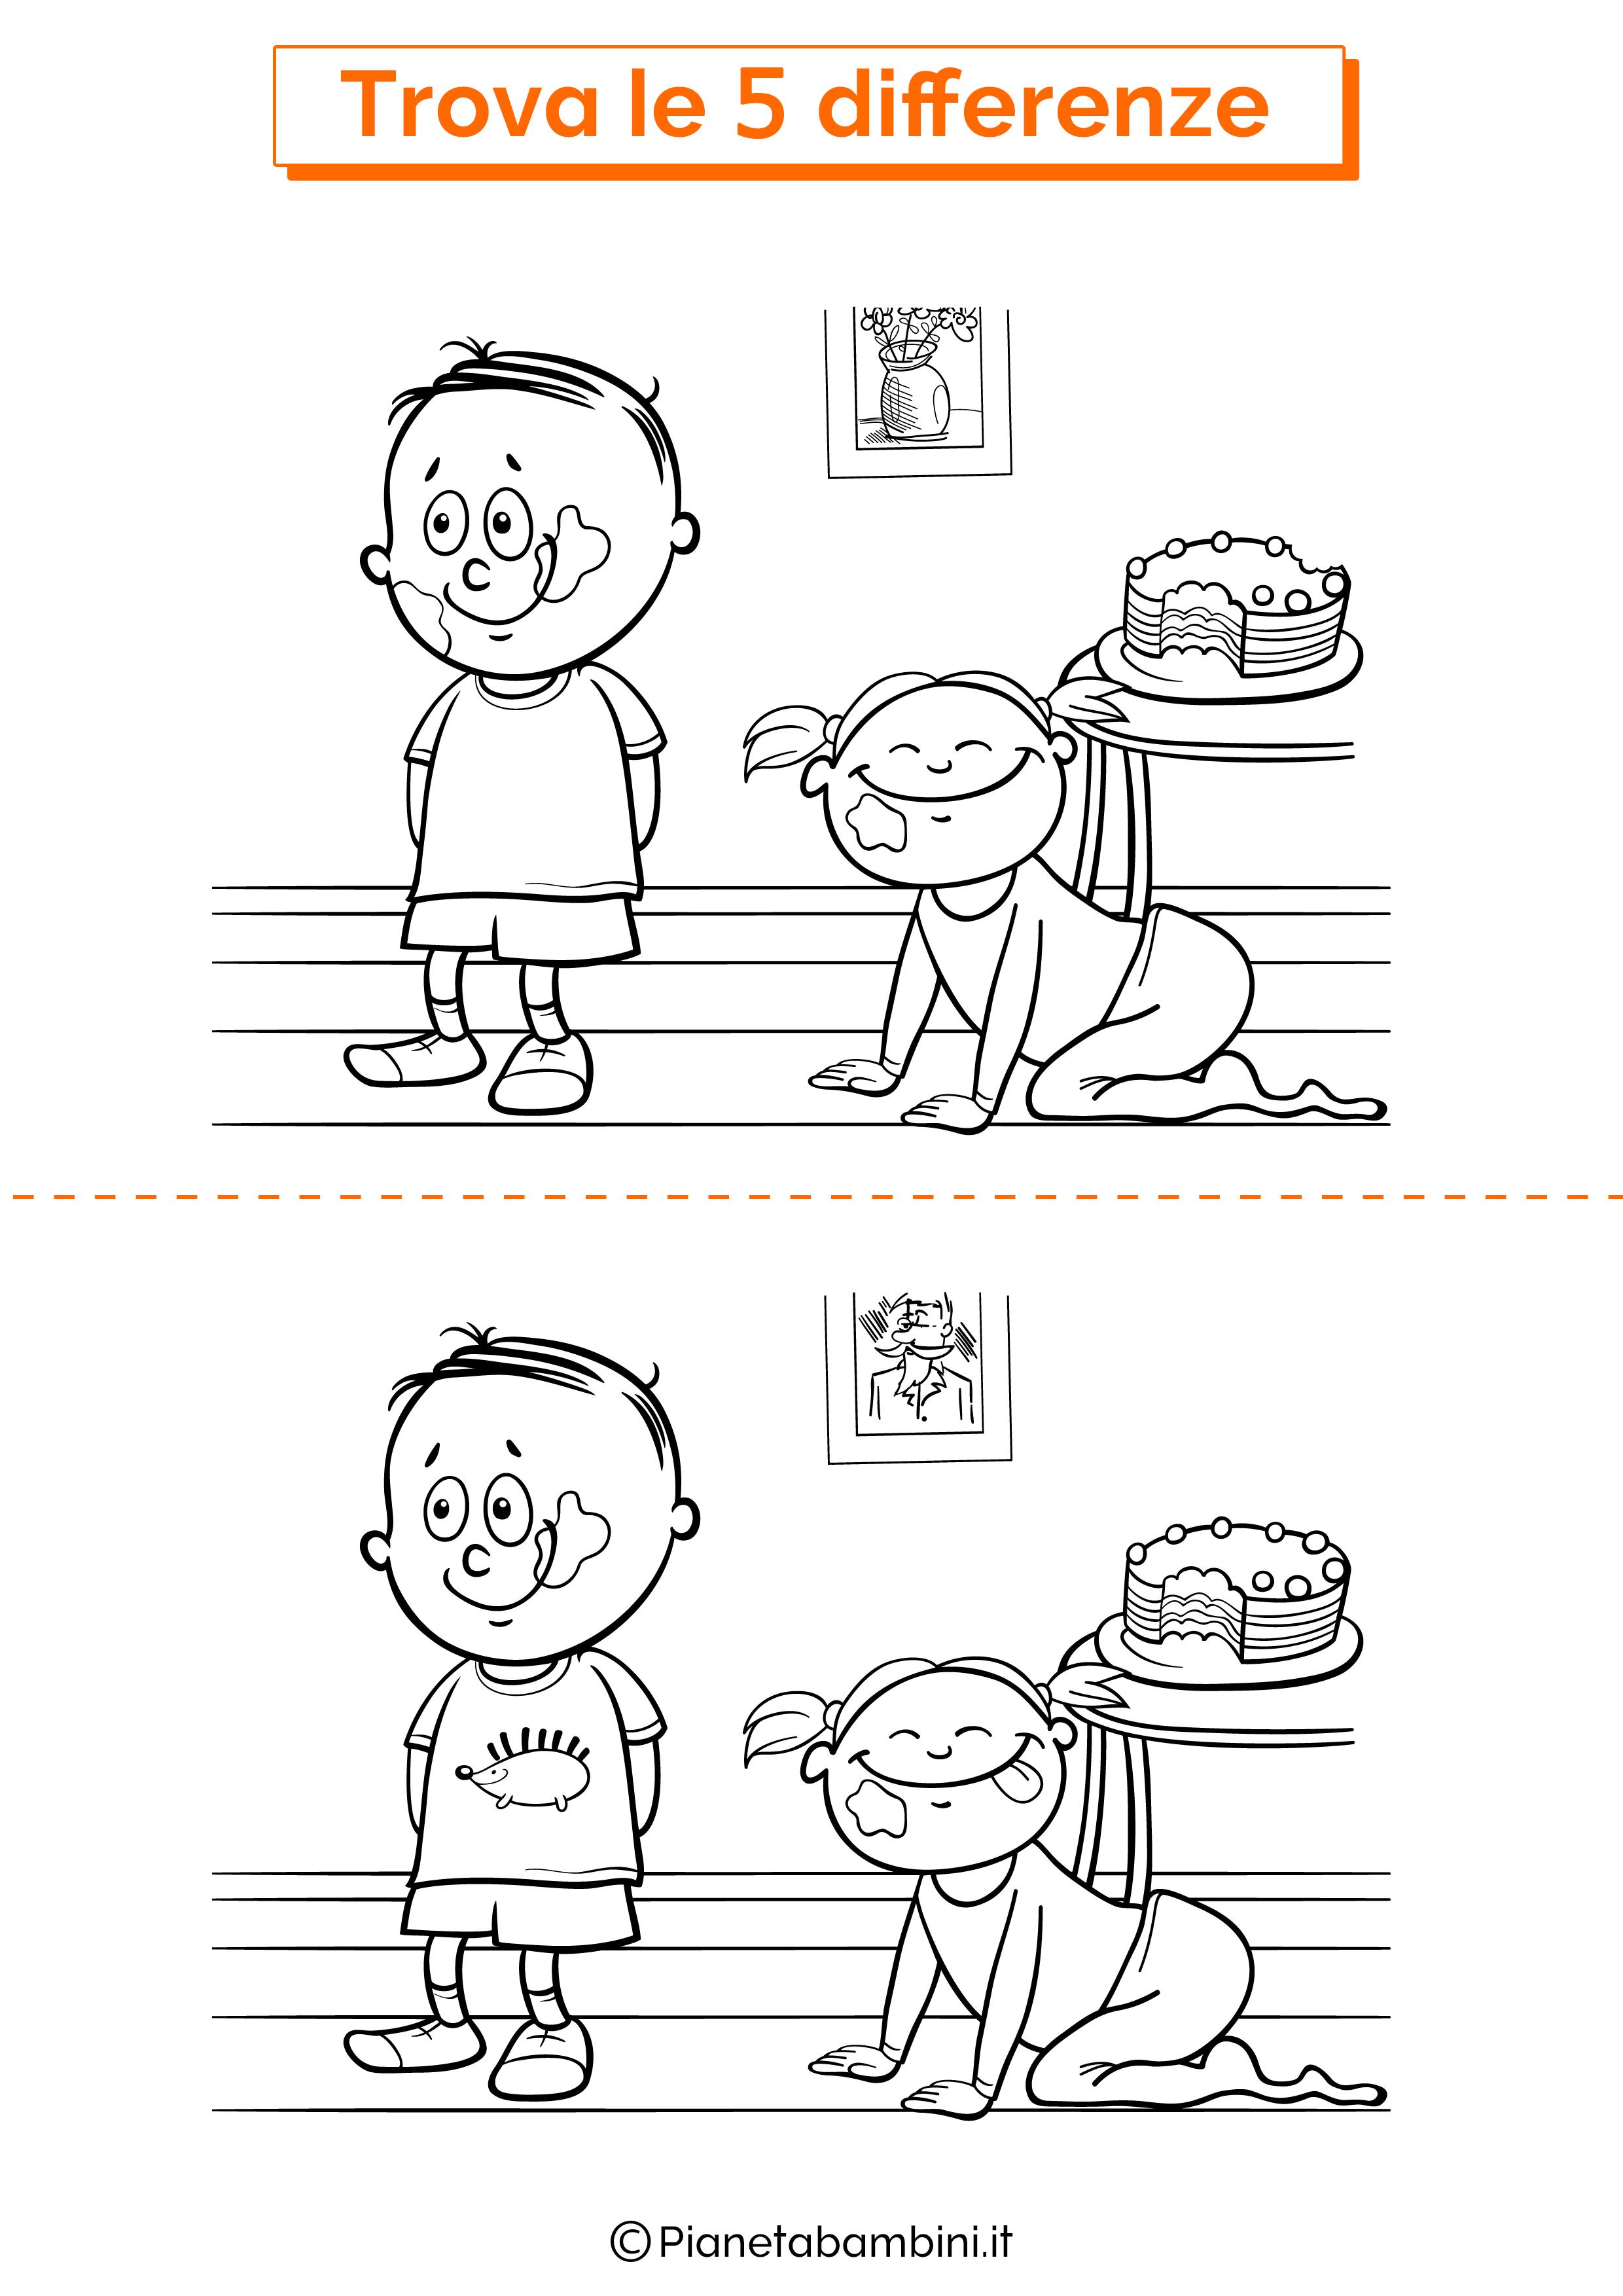 Disegno trova 5 differenze bambini e torta